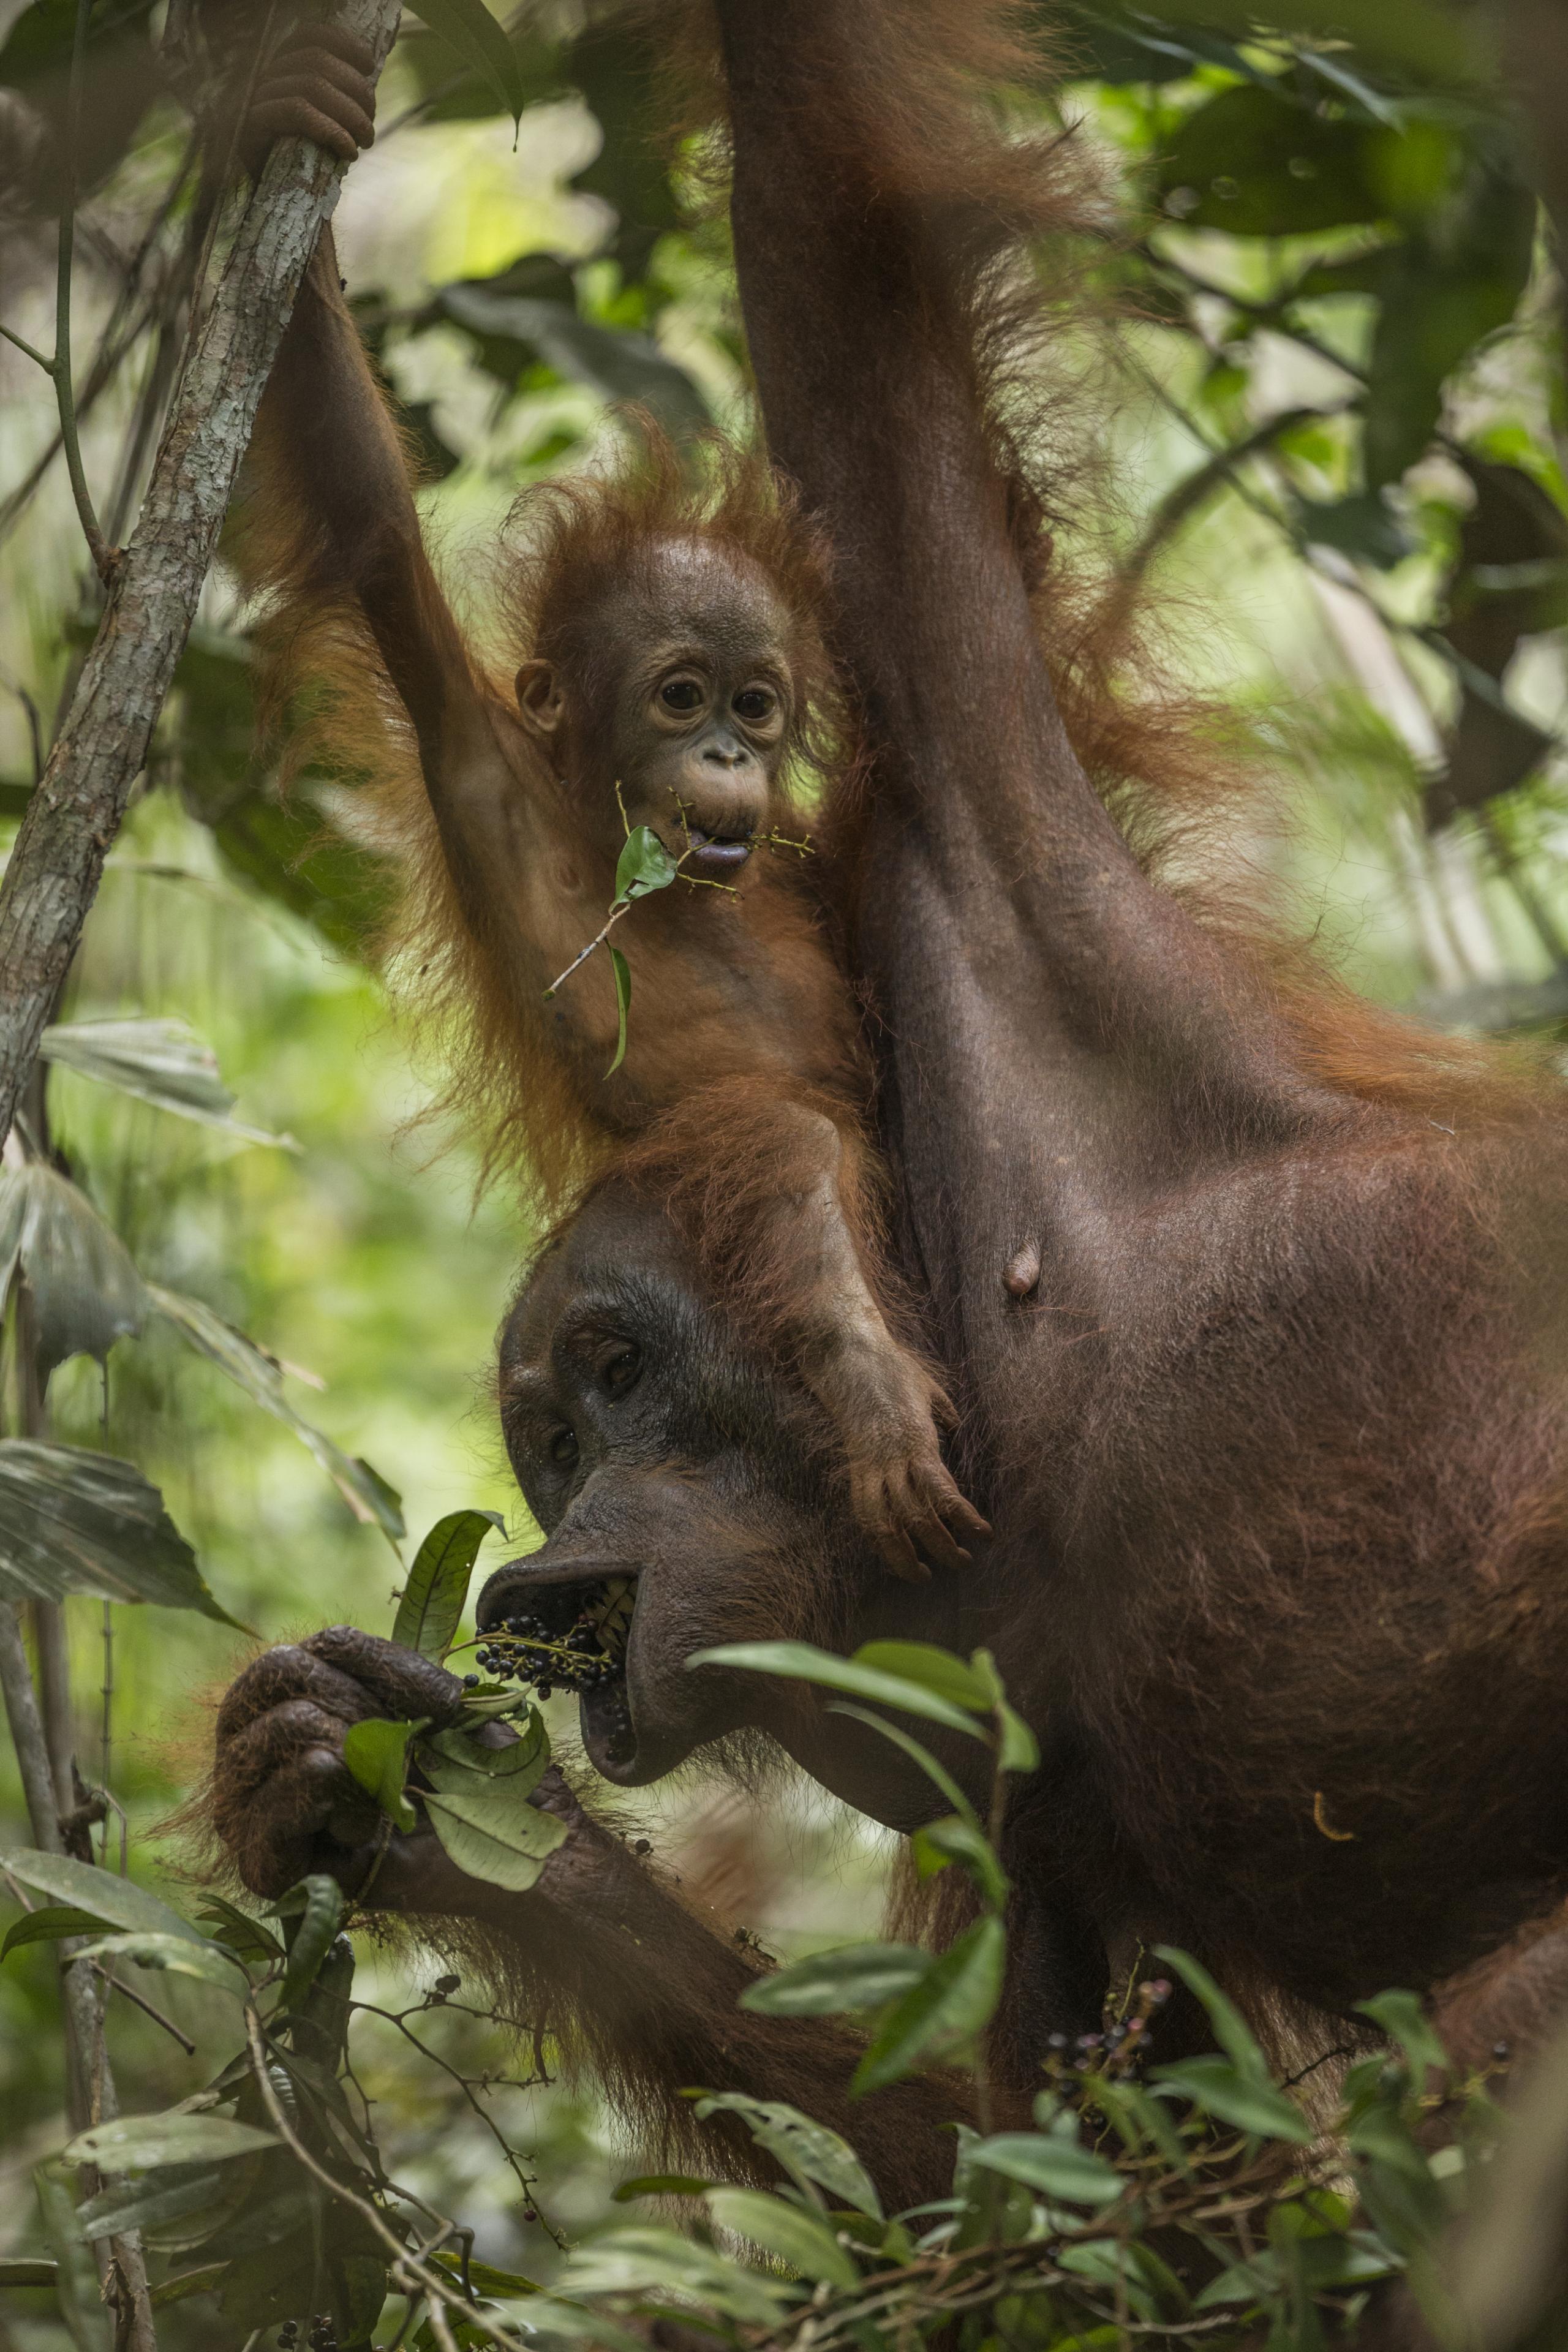 Potret orangutan di hutan terbakar jadi foto jurnalistik terbaik dunia